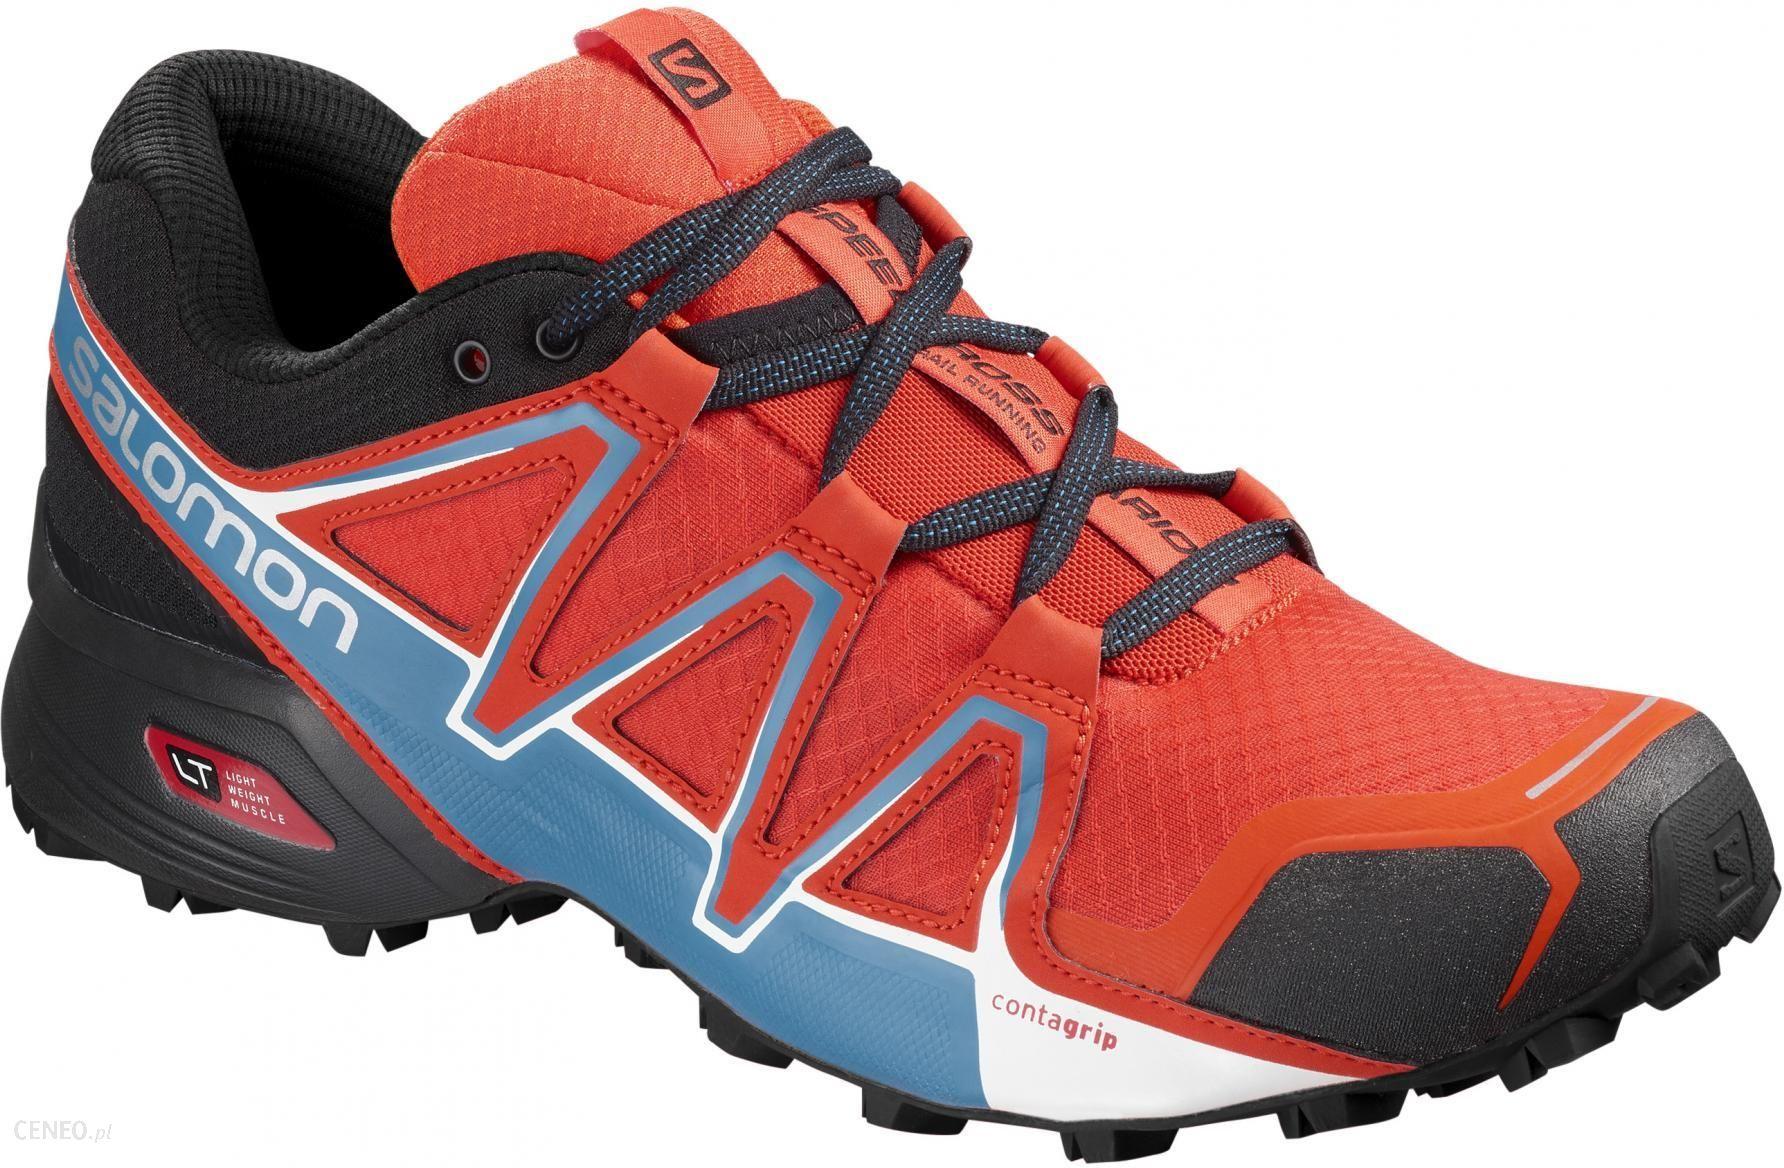 31beea12 Salomon męskie buty Speedcross Vario 2 Pomarańczowy/Czarny/Niebieski 45.3 -  zdjęcie 1